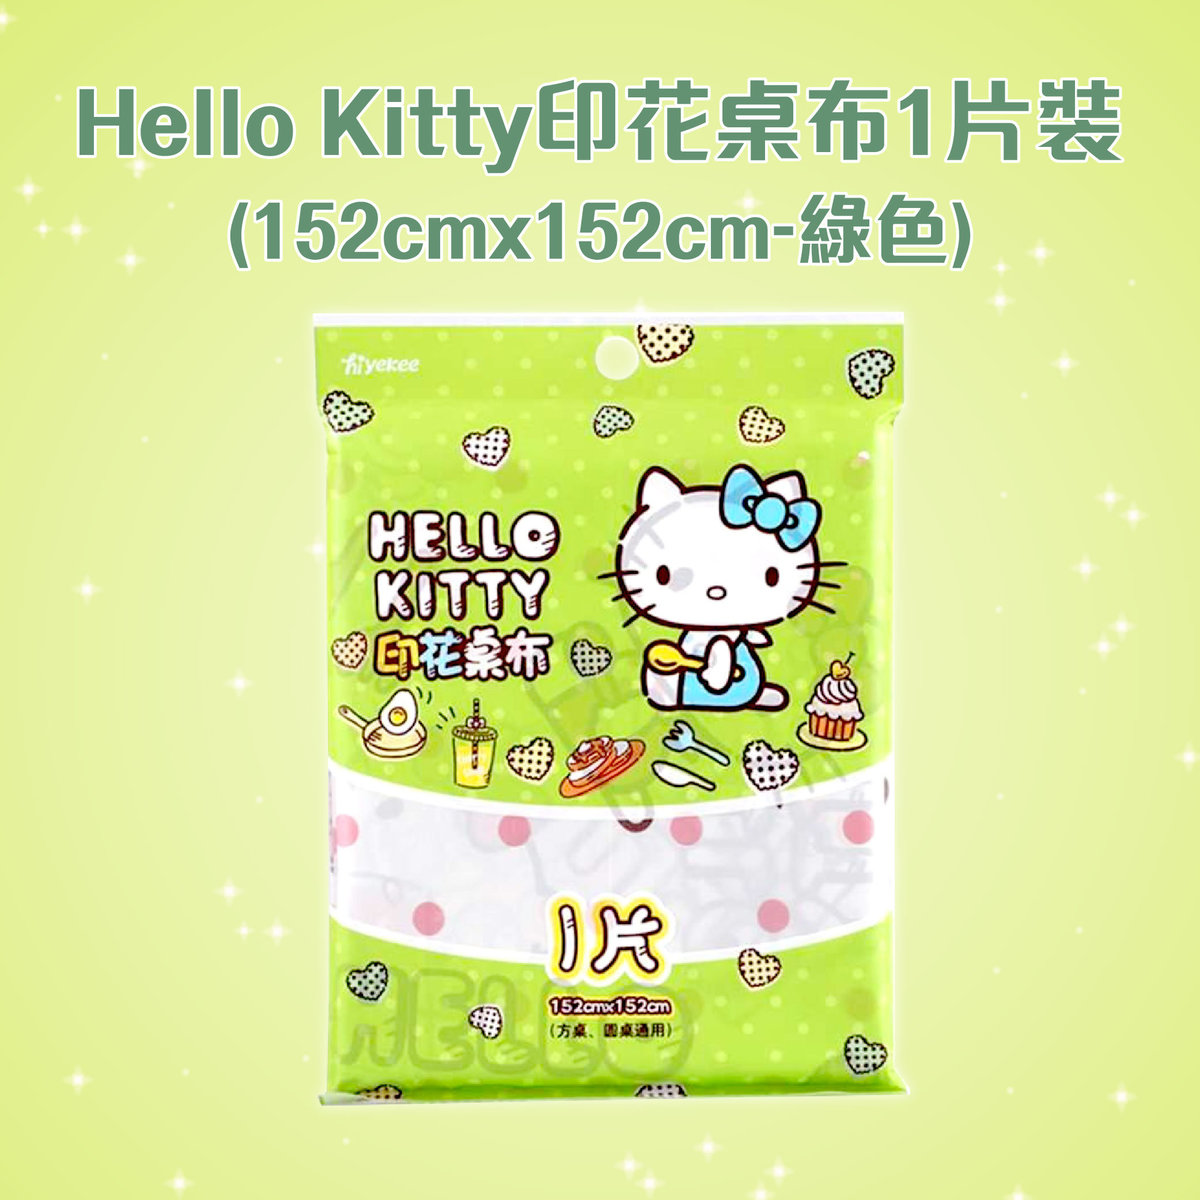 Hello kitty印花桌布1片裝- (152cmx152cm) 綠色